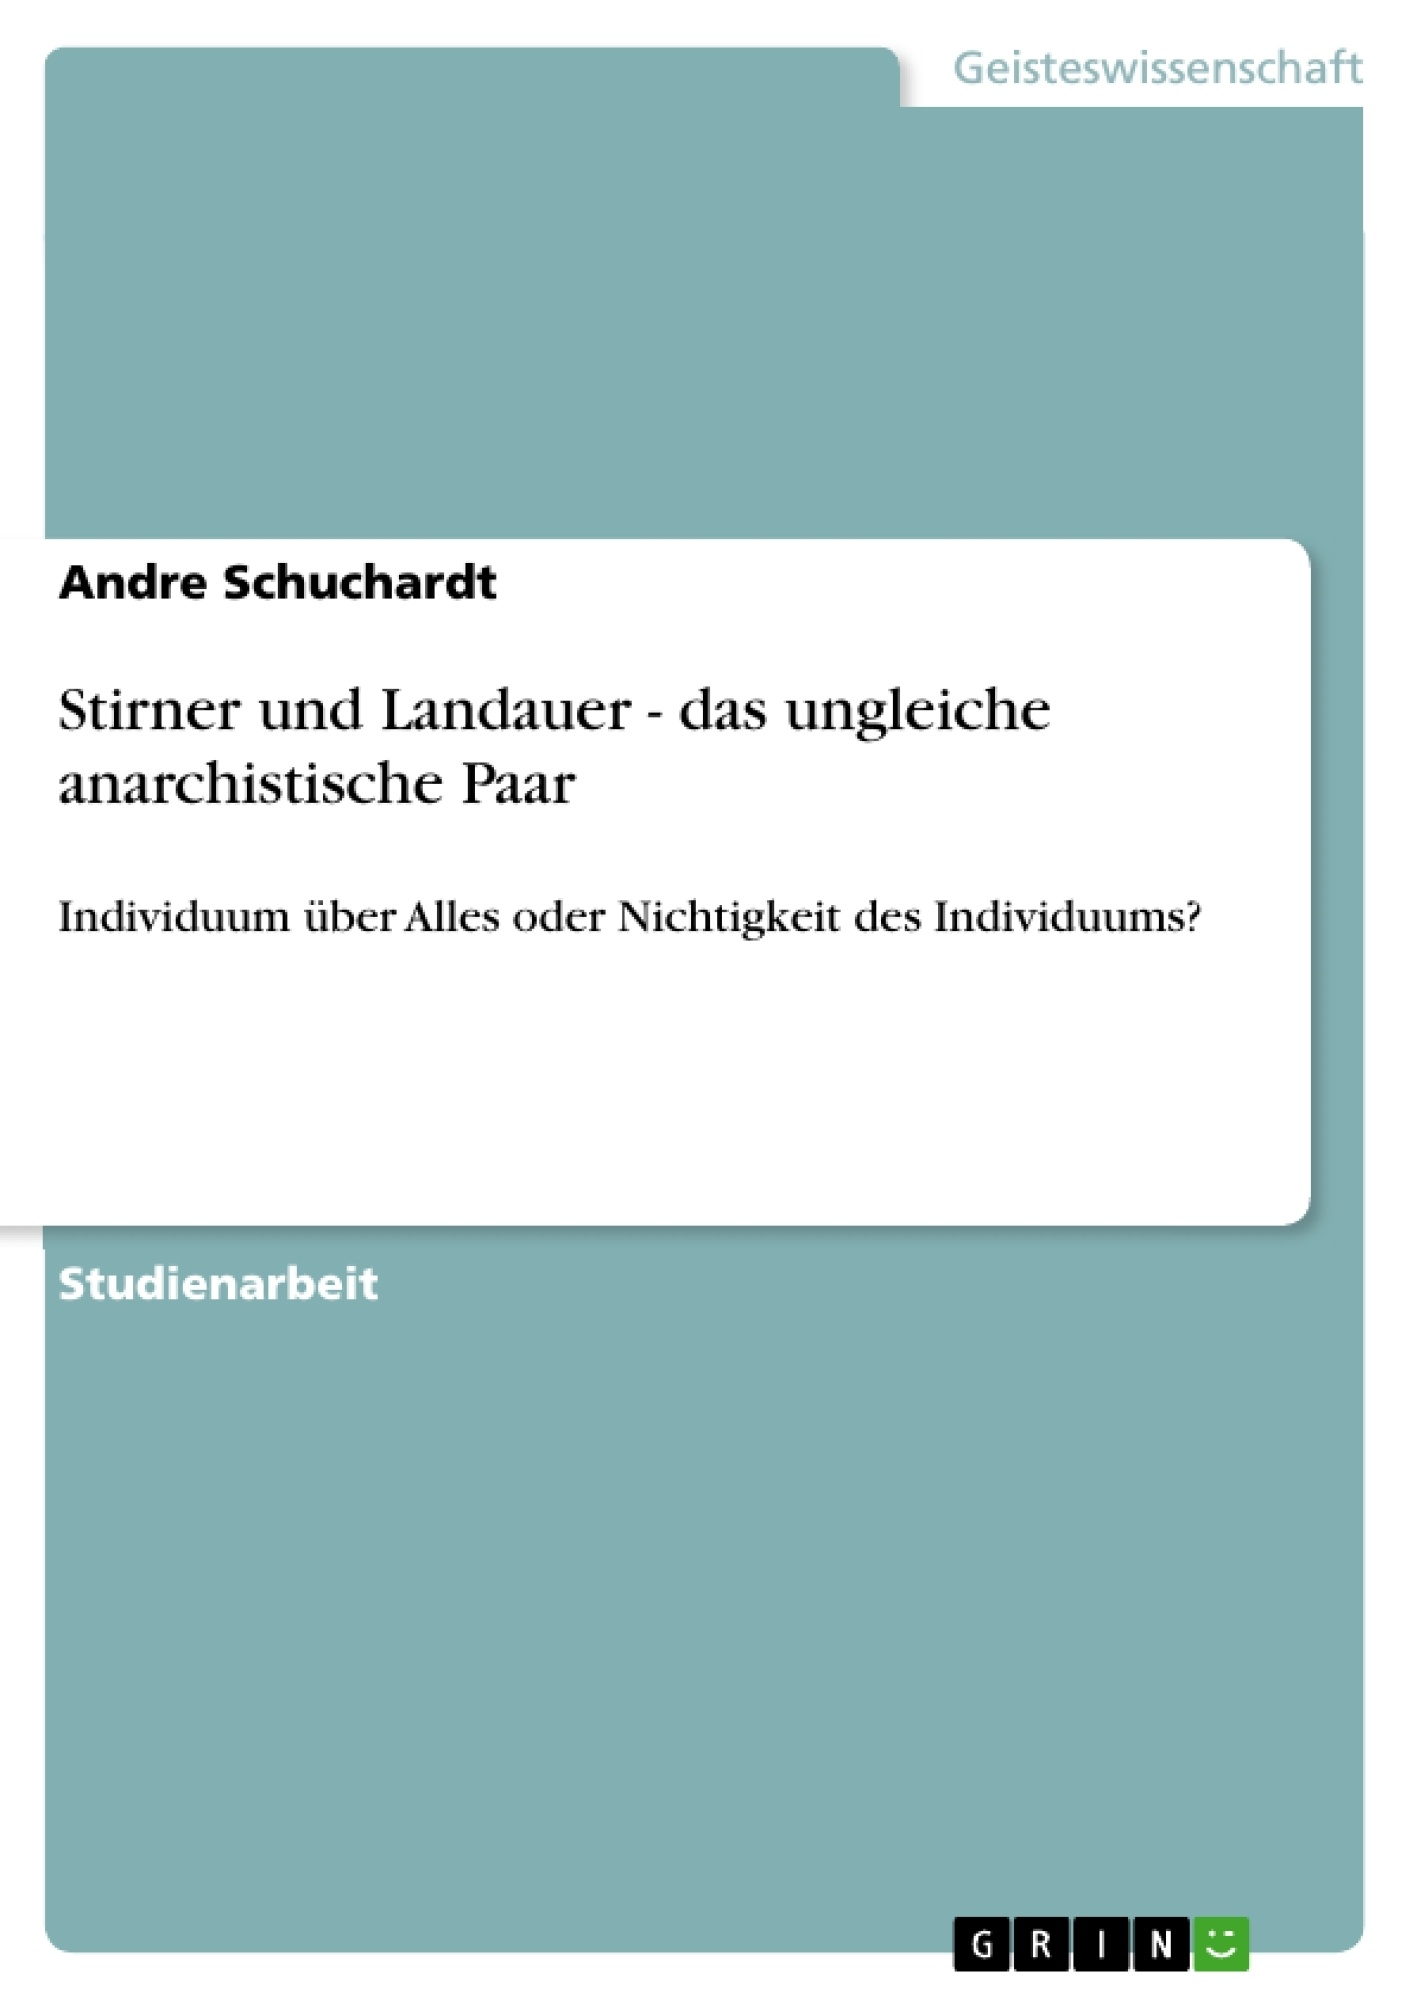 Titel: Stirner und Landauer - das ungleiche anarchistische Paar